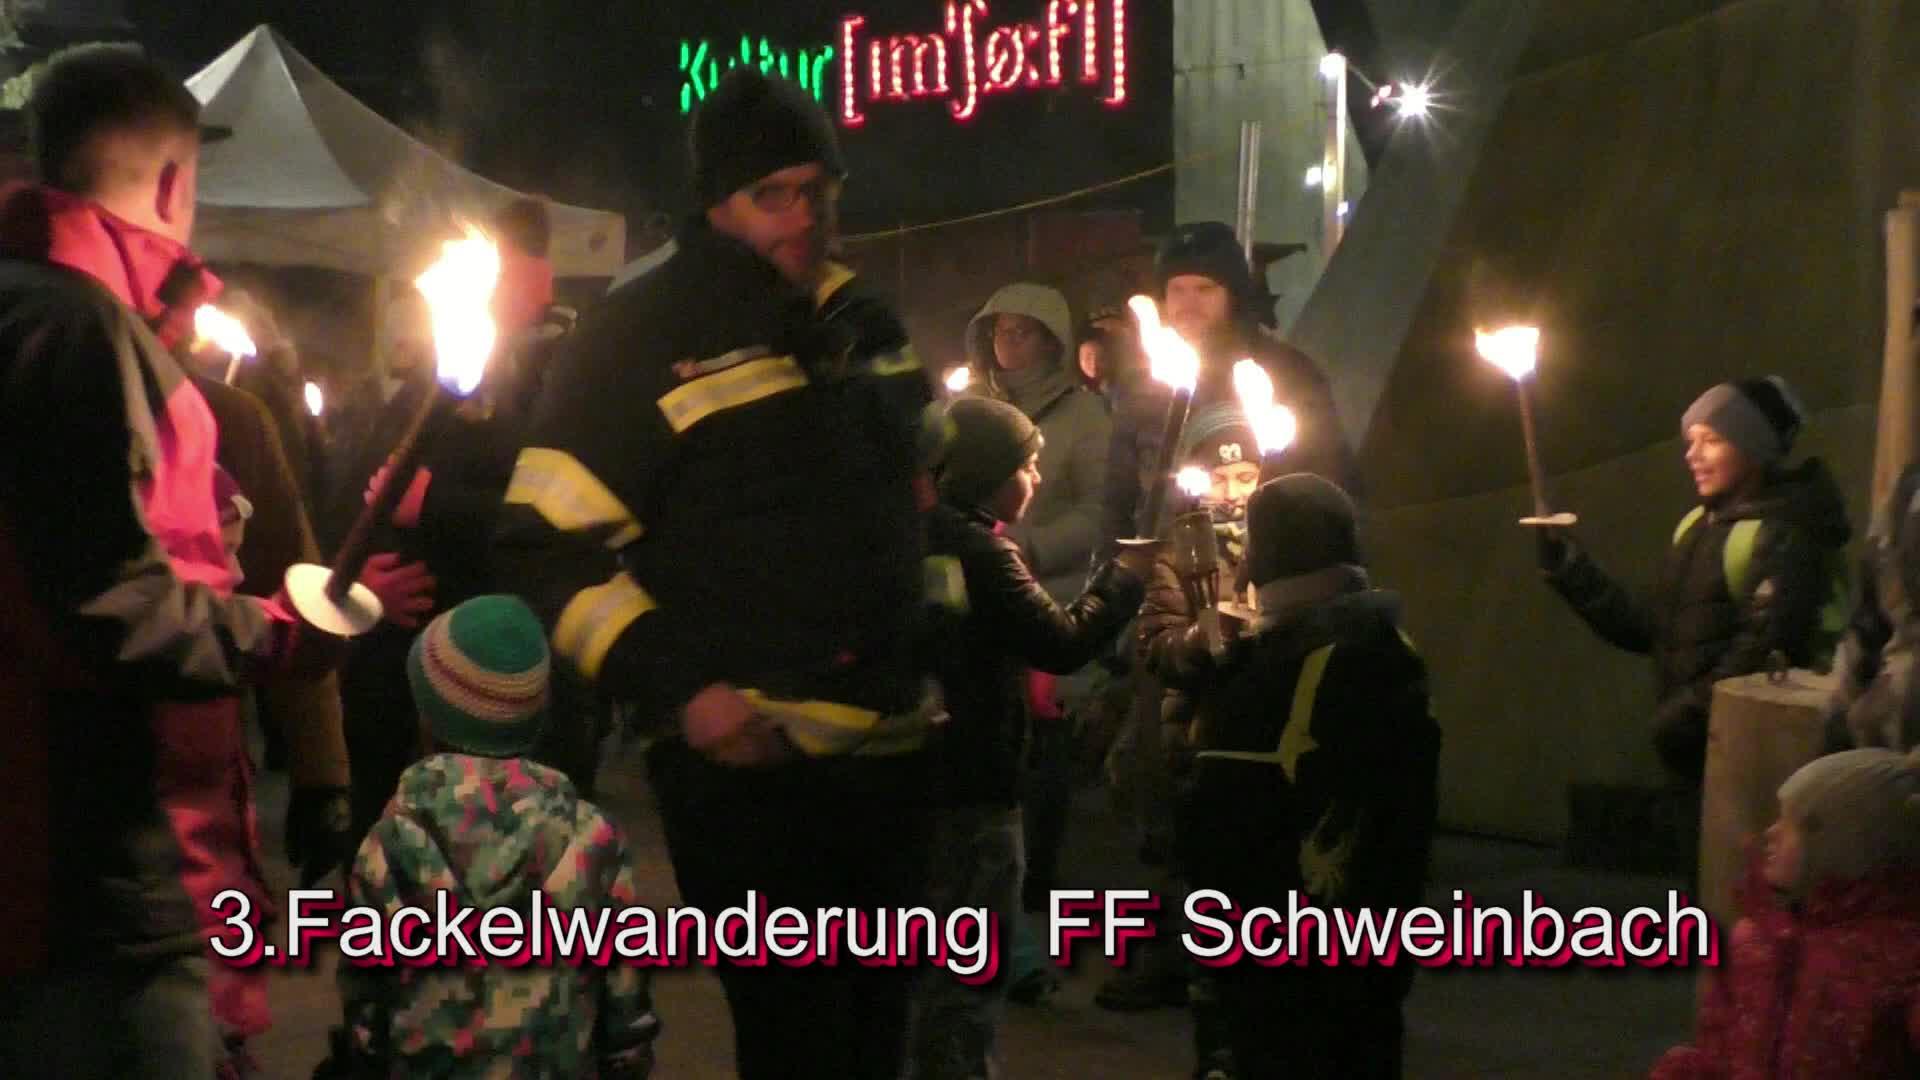 3. Fackelwanderung FF Schweinbach